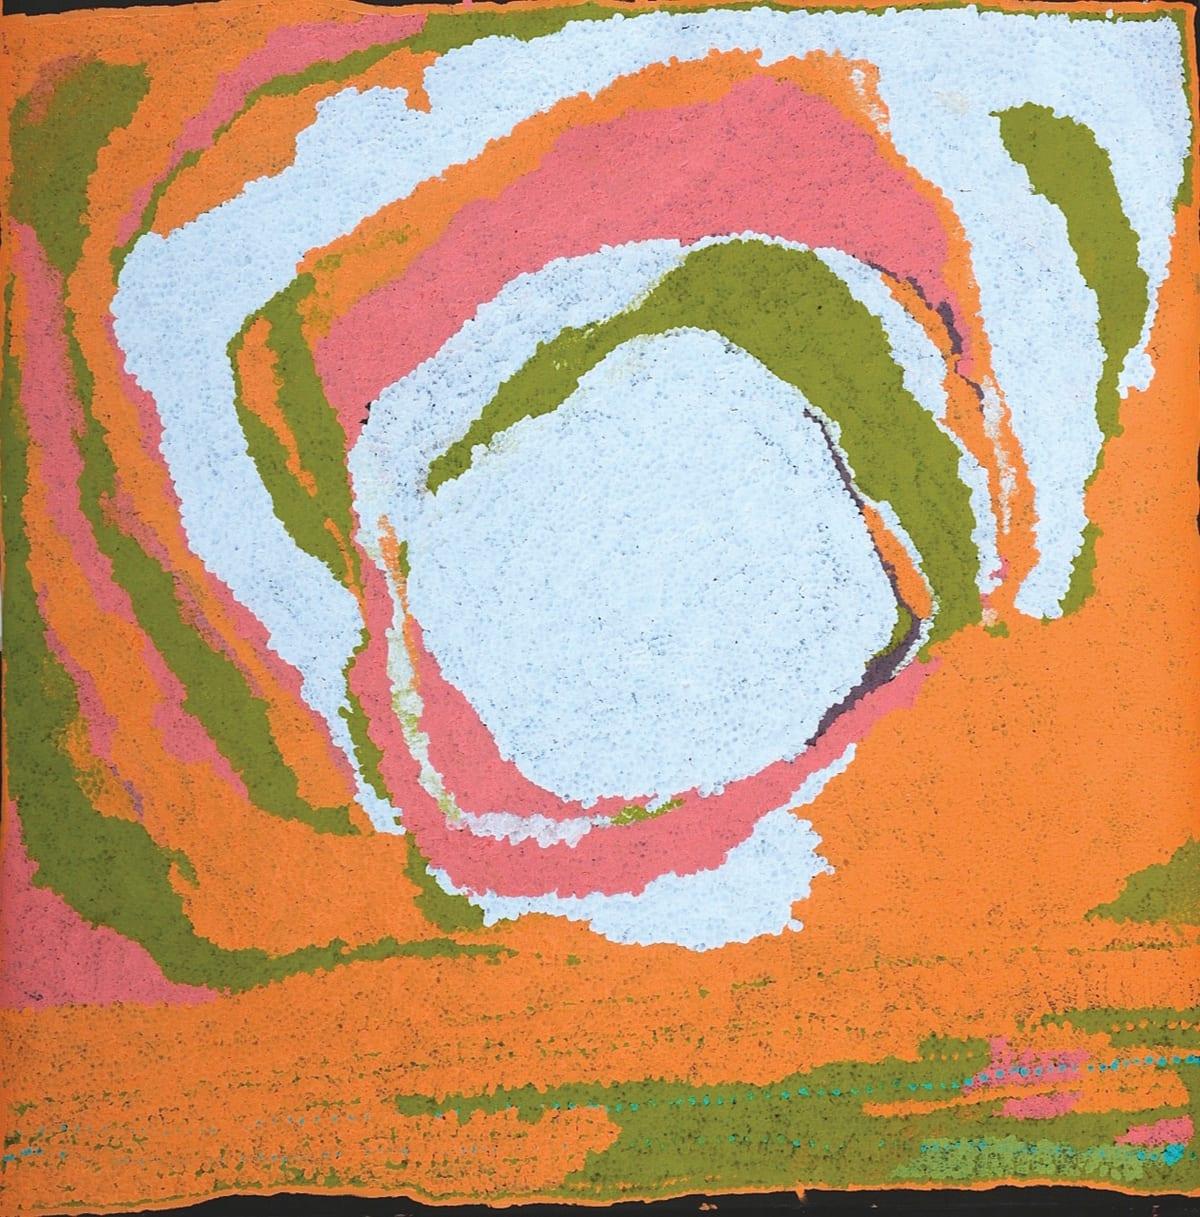 Alma Webou (Kalaju) Pinkalarta acrylic on linen 120 x 120 cm